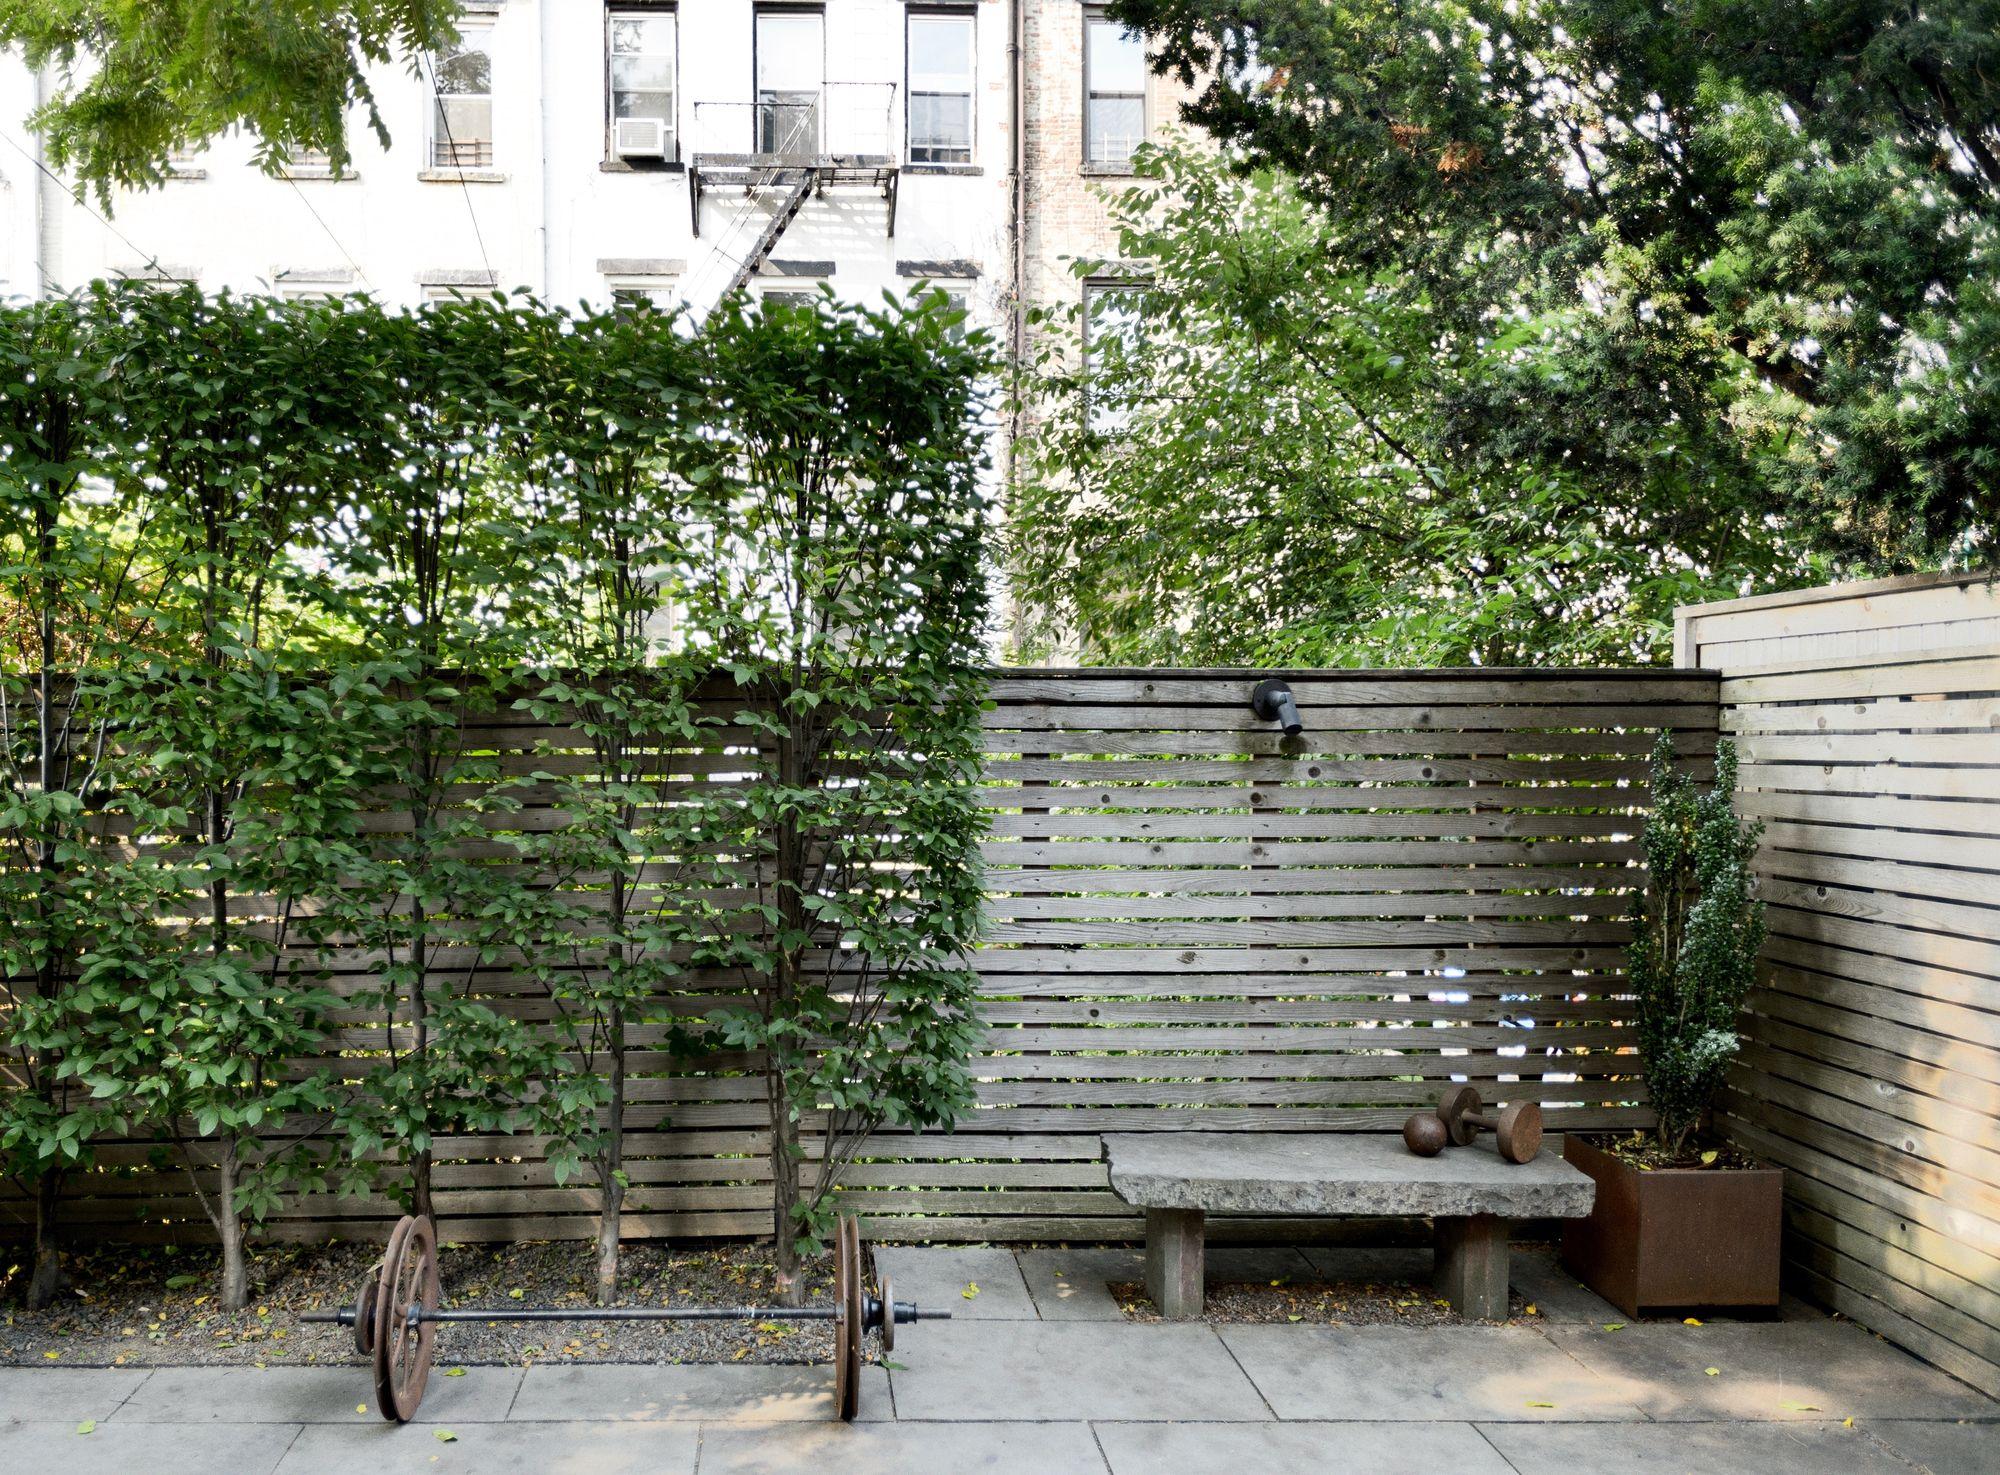 24.SIMPHOME.COM garden hacks 10 ideas for privacy screens gardenista